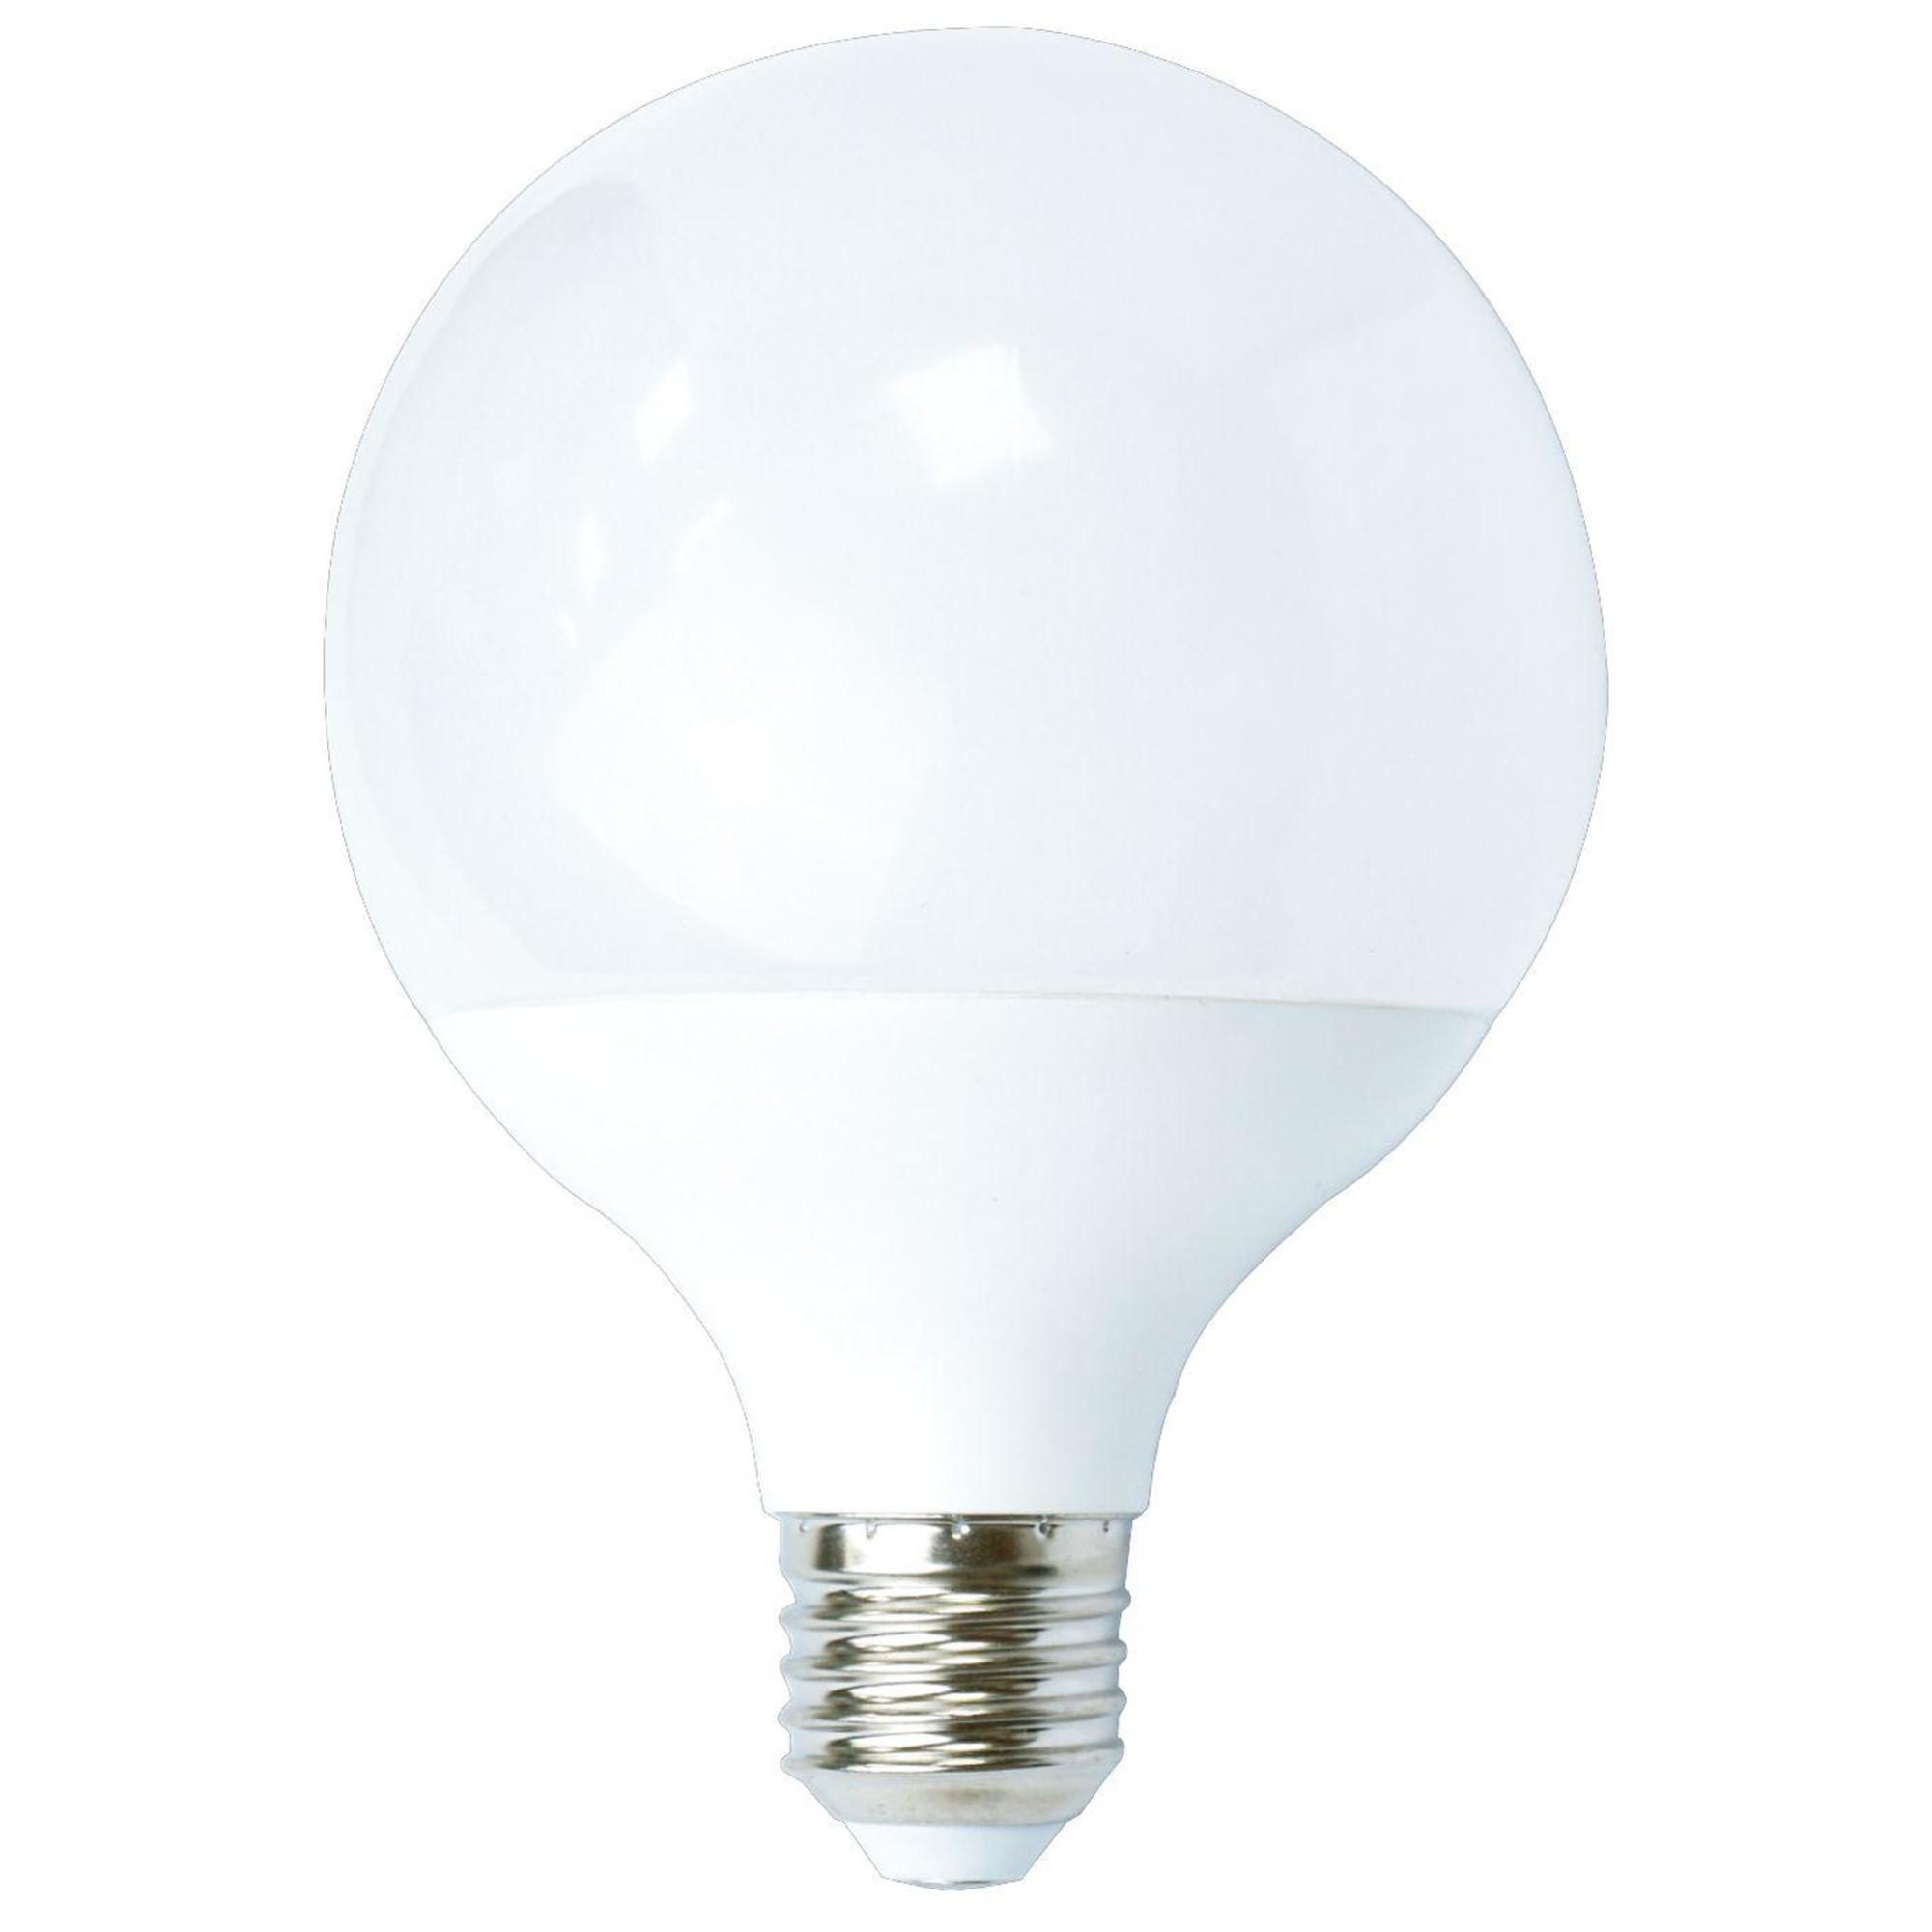 Лампа Ecola Premium светодионая E27 20 Вт шар 1600 Лм нейтральный свет